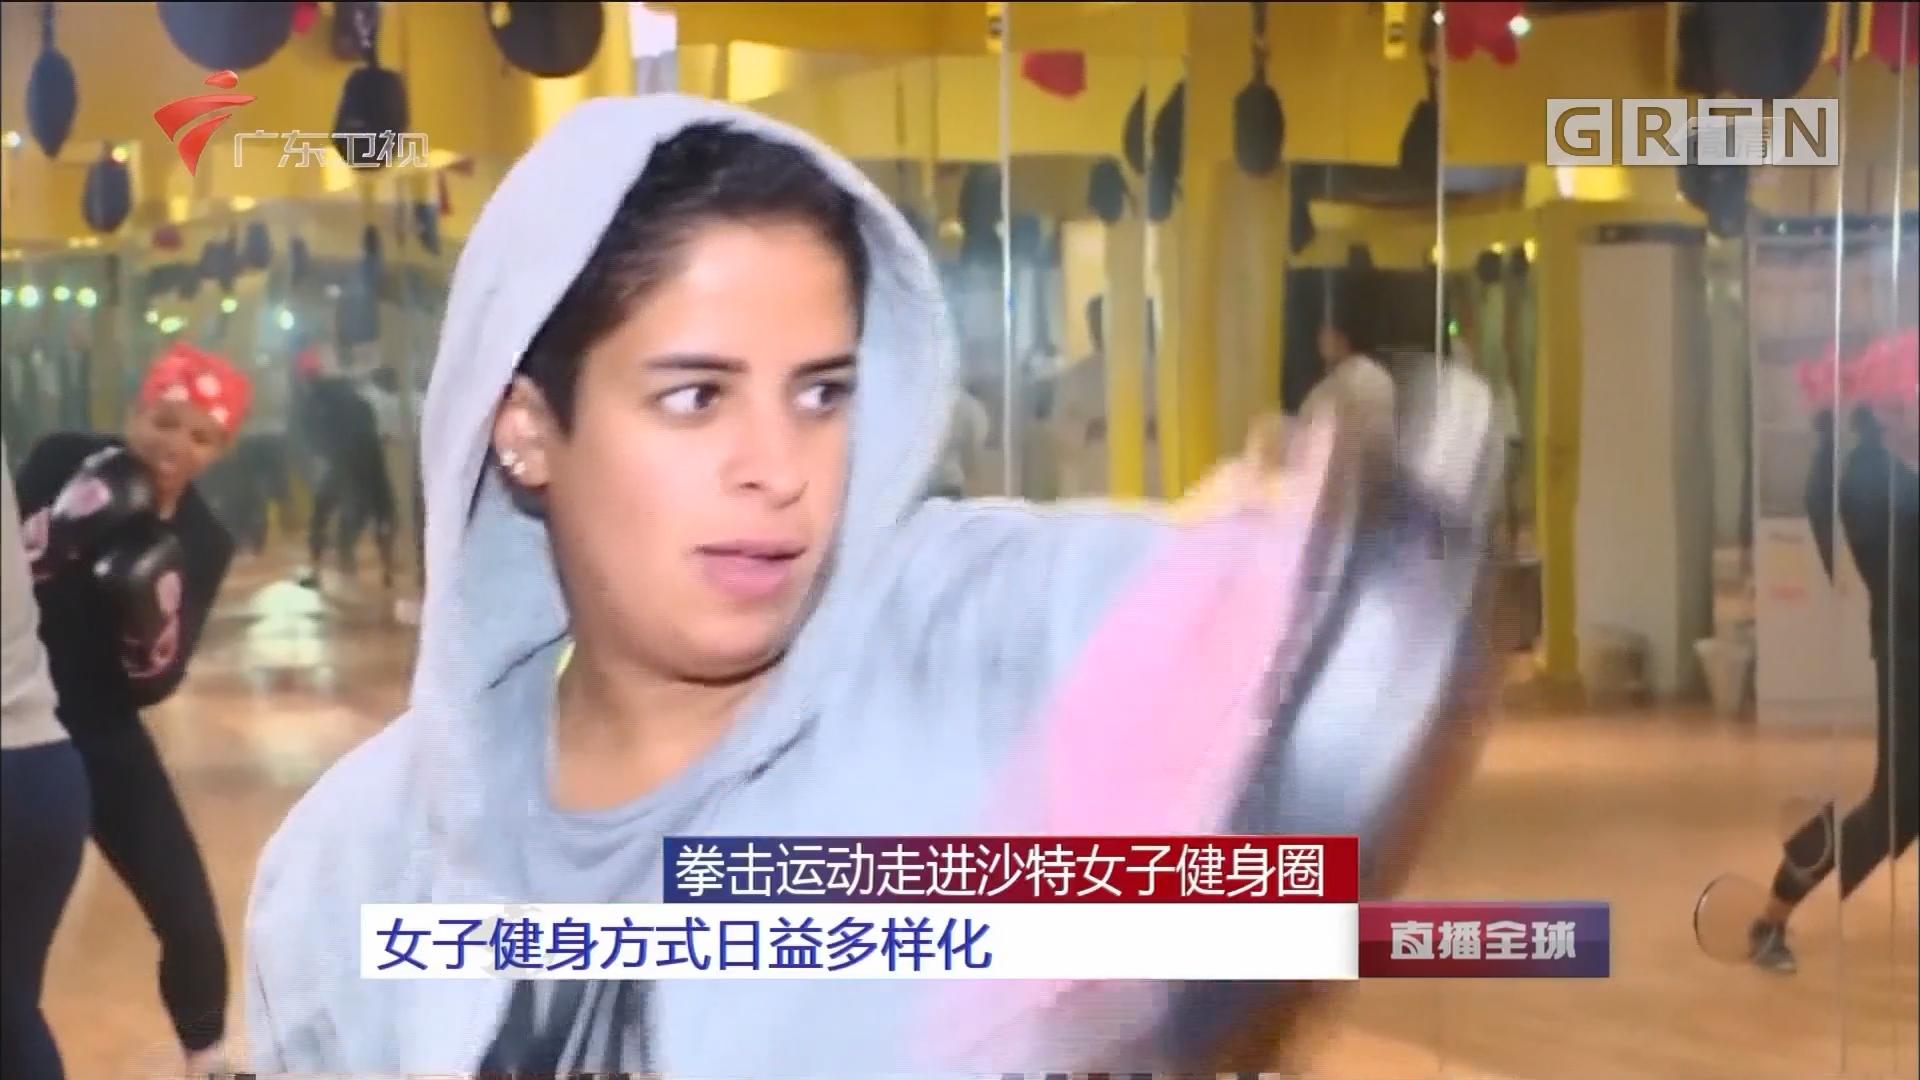 拳击运动走进沙特女子健身房 女子健身方式日益多样化